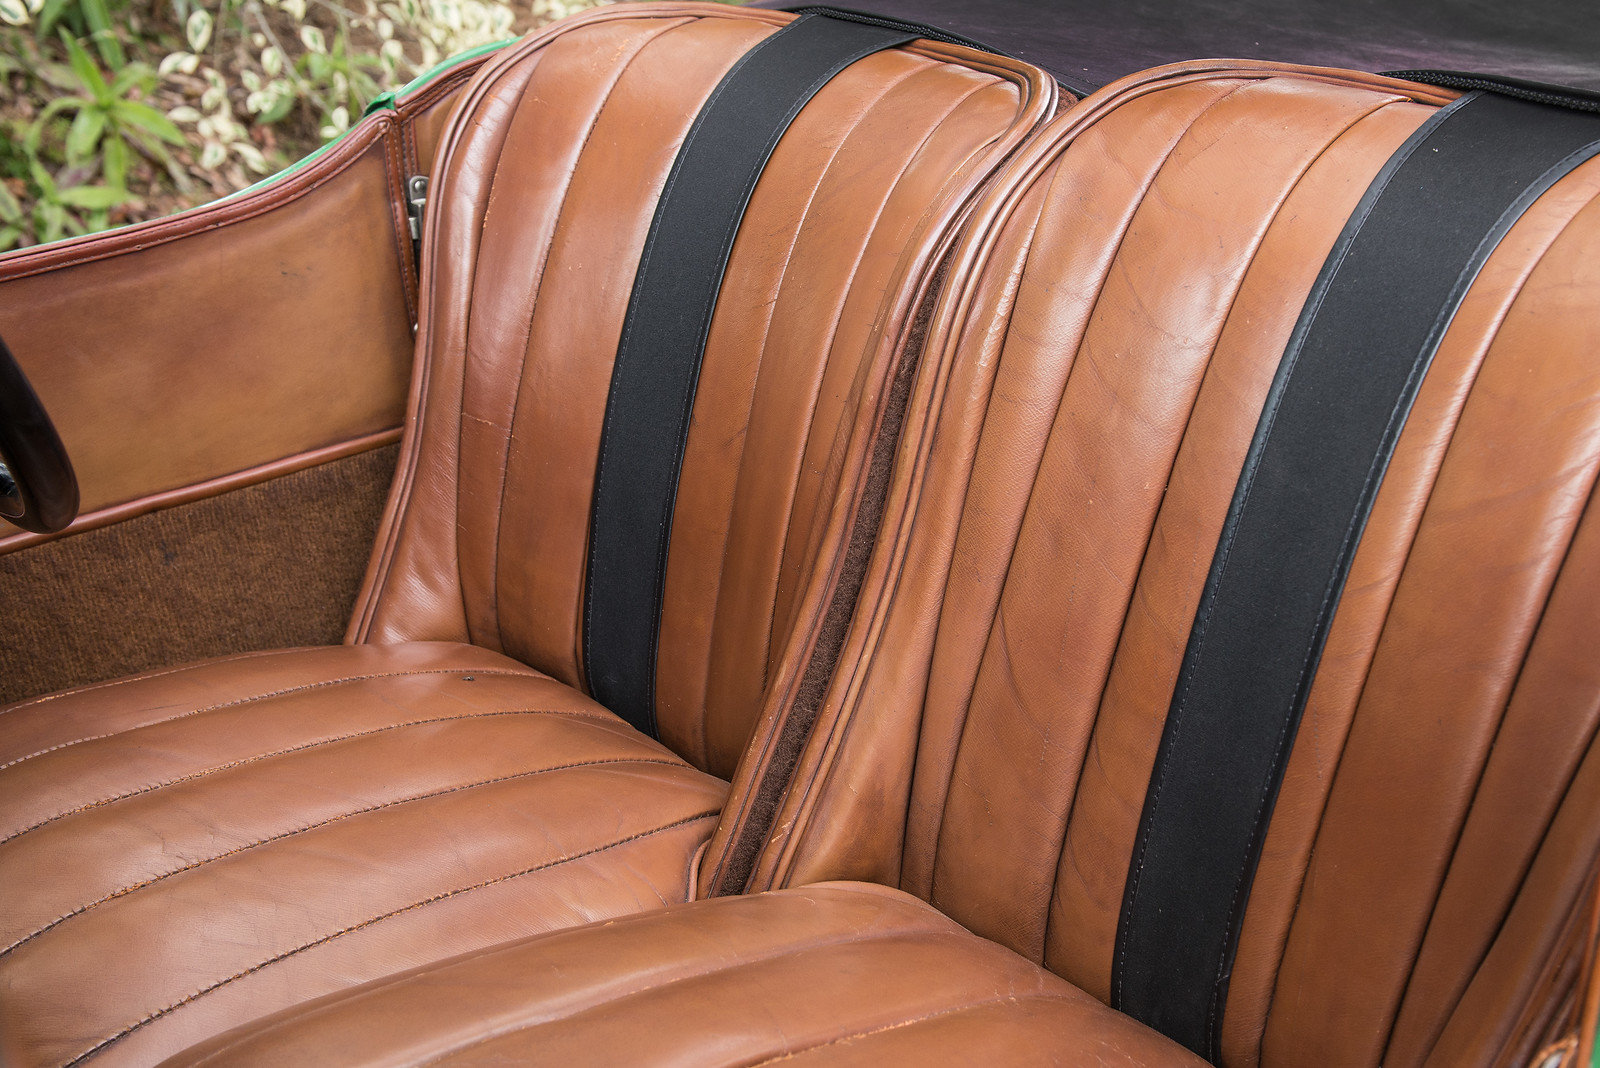 1926 3.0 Litre Bentley Speed Model Vanden Plas Tourer SOLD (picture 4 of 6)